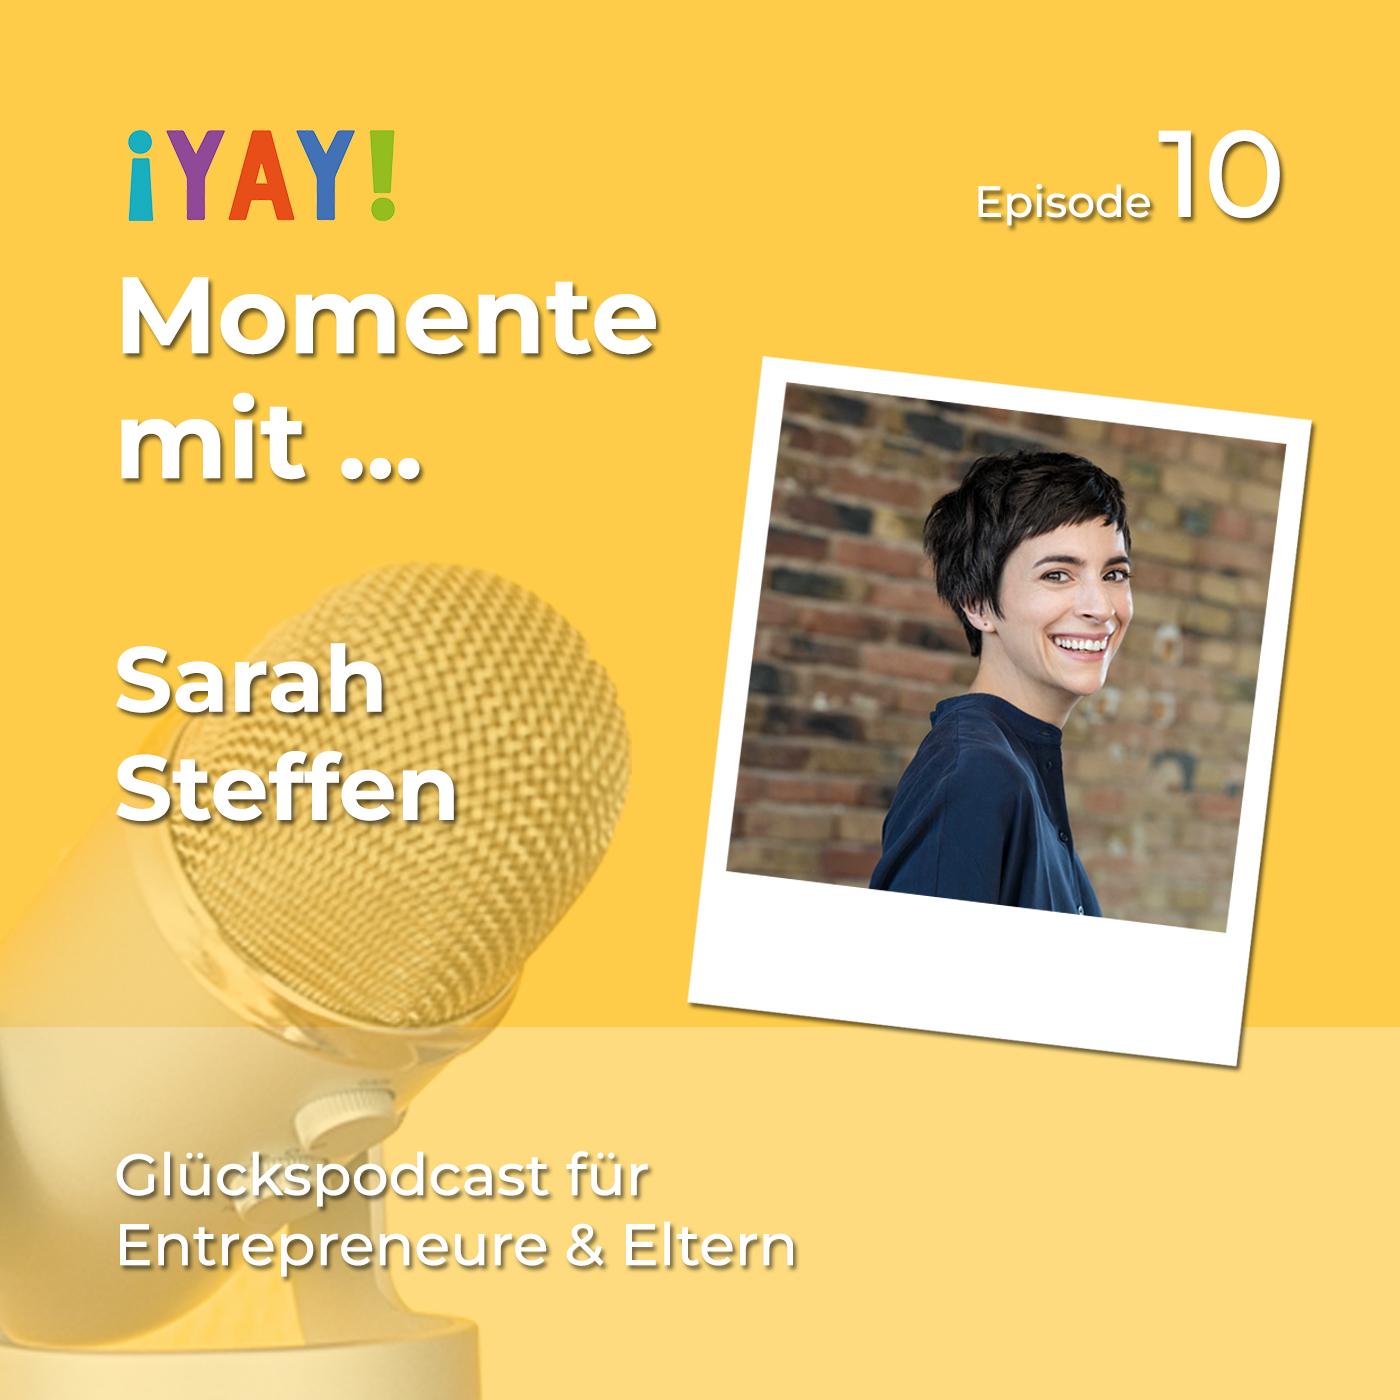 Episode 10: Yay-Momente mit ... Sarah Steffen